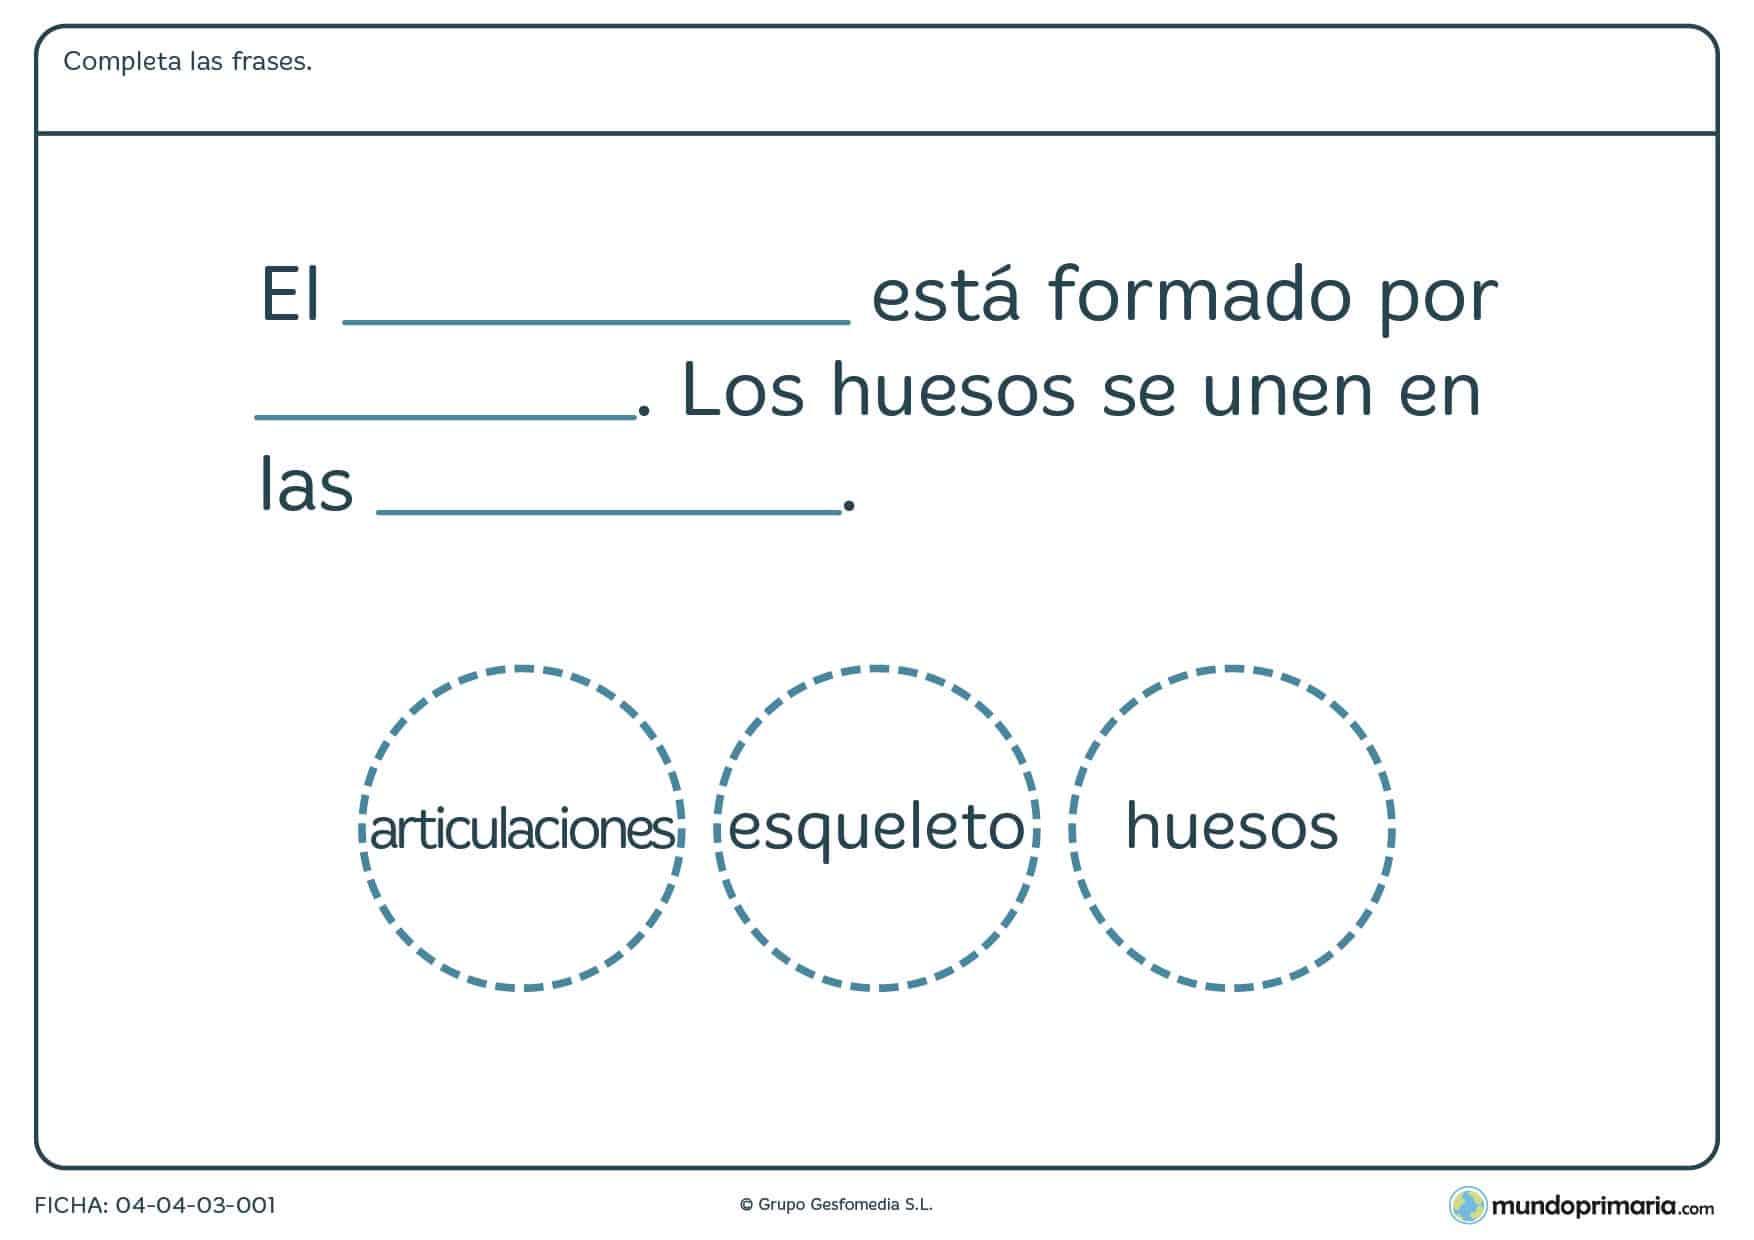 Ficha del esqueleto para completar correctamente una frase ordenando palabras sobre el sistema oseo